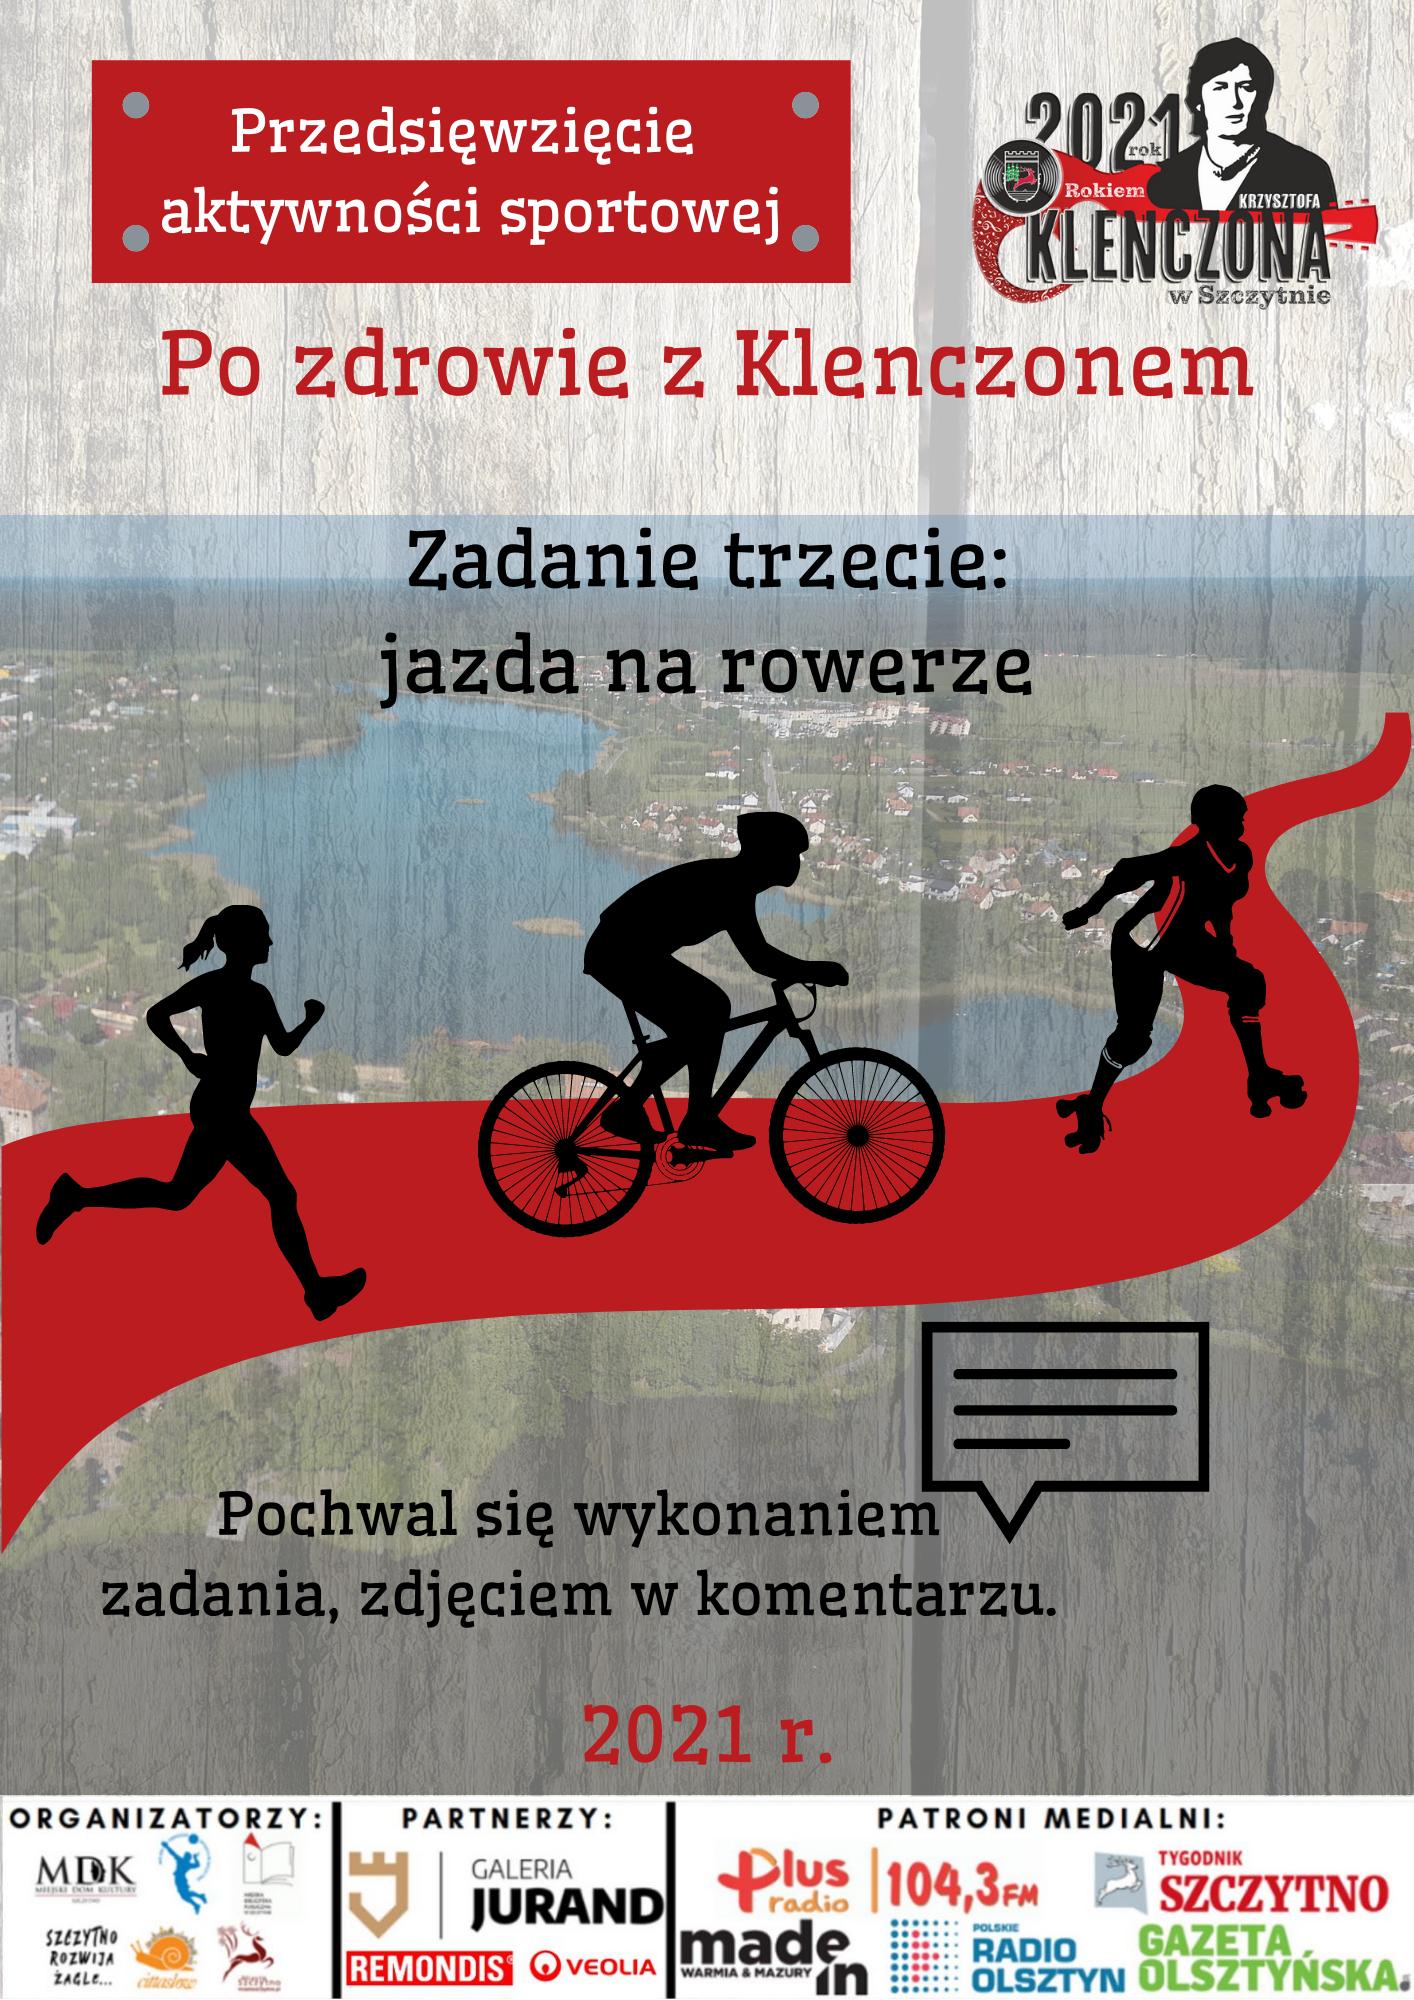 https://m.powiatszczycienski.pl/2021/05/orig/po-zdrowie-z-klenczonem-40666.png